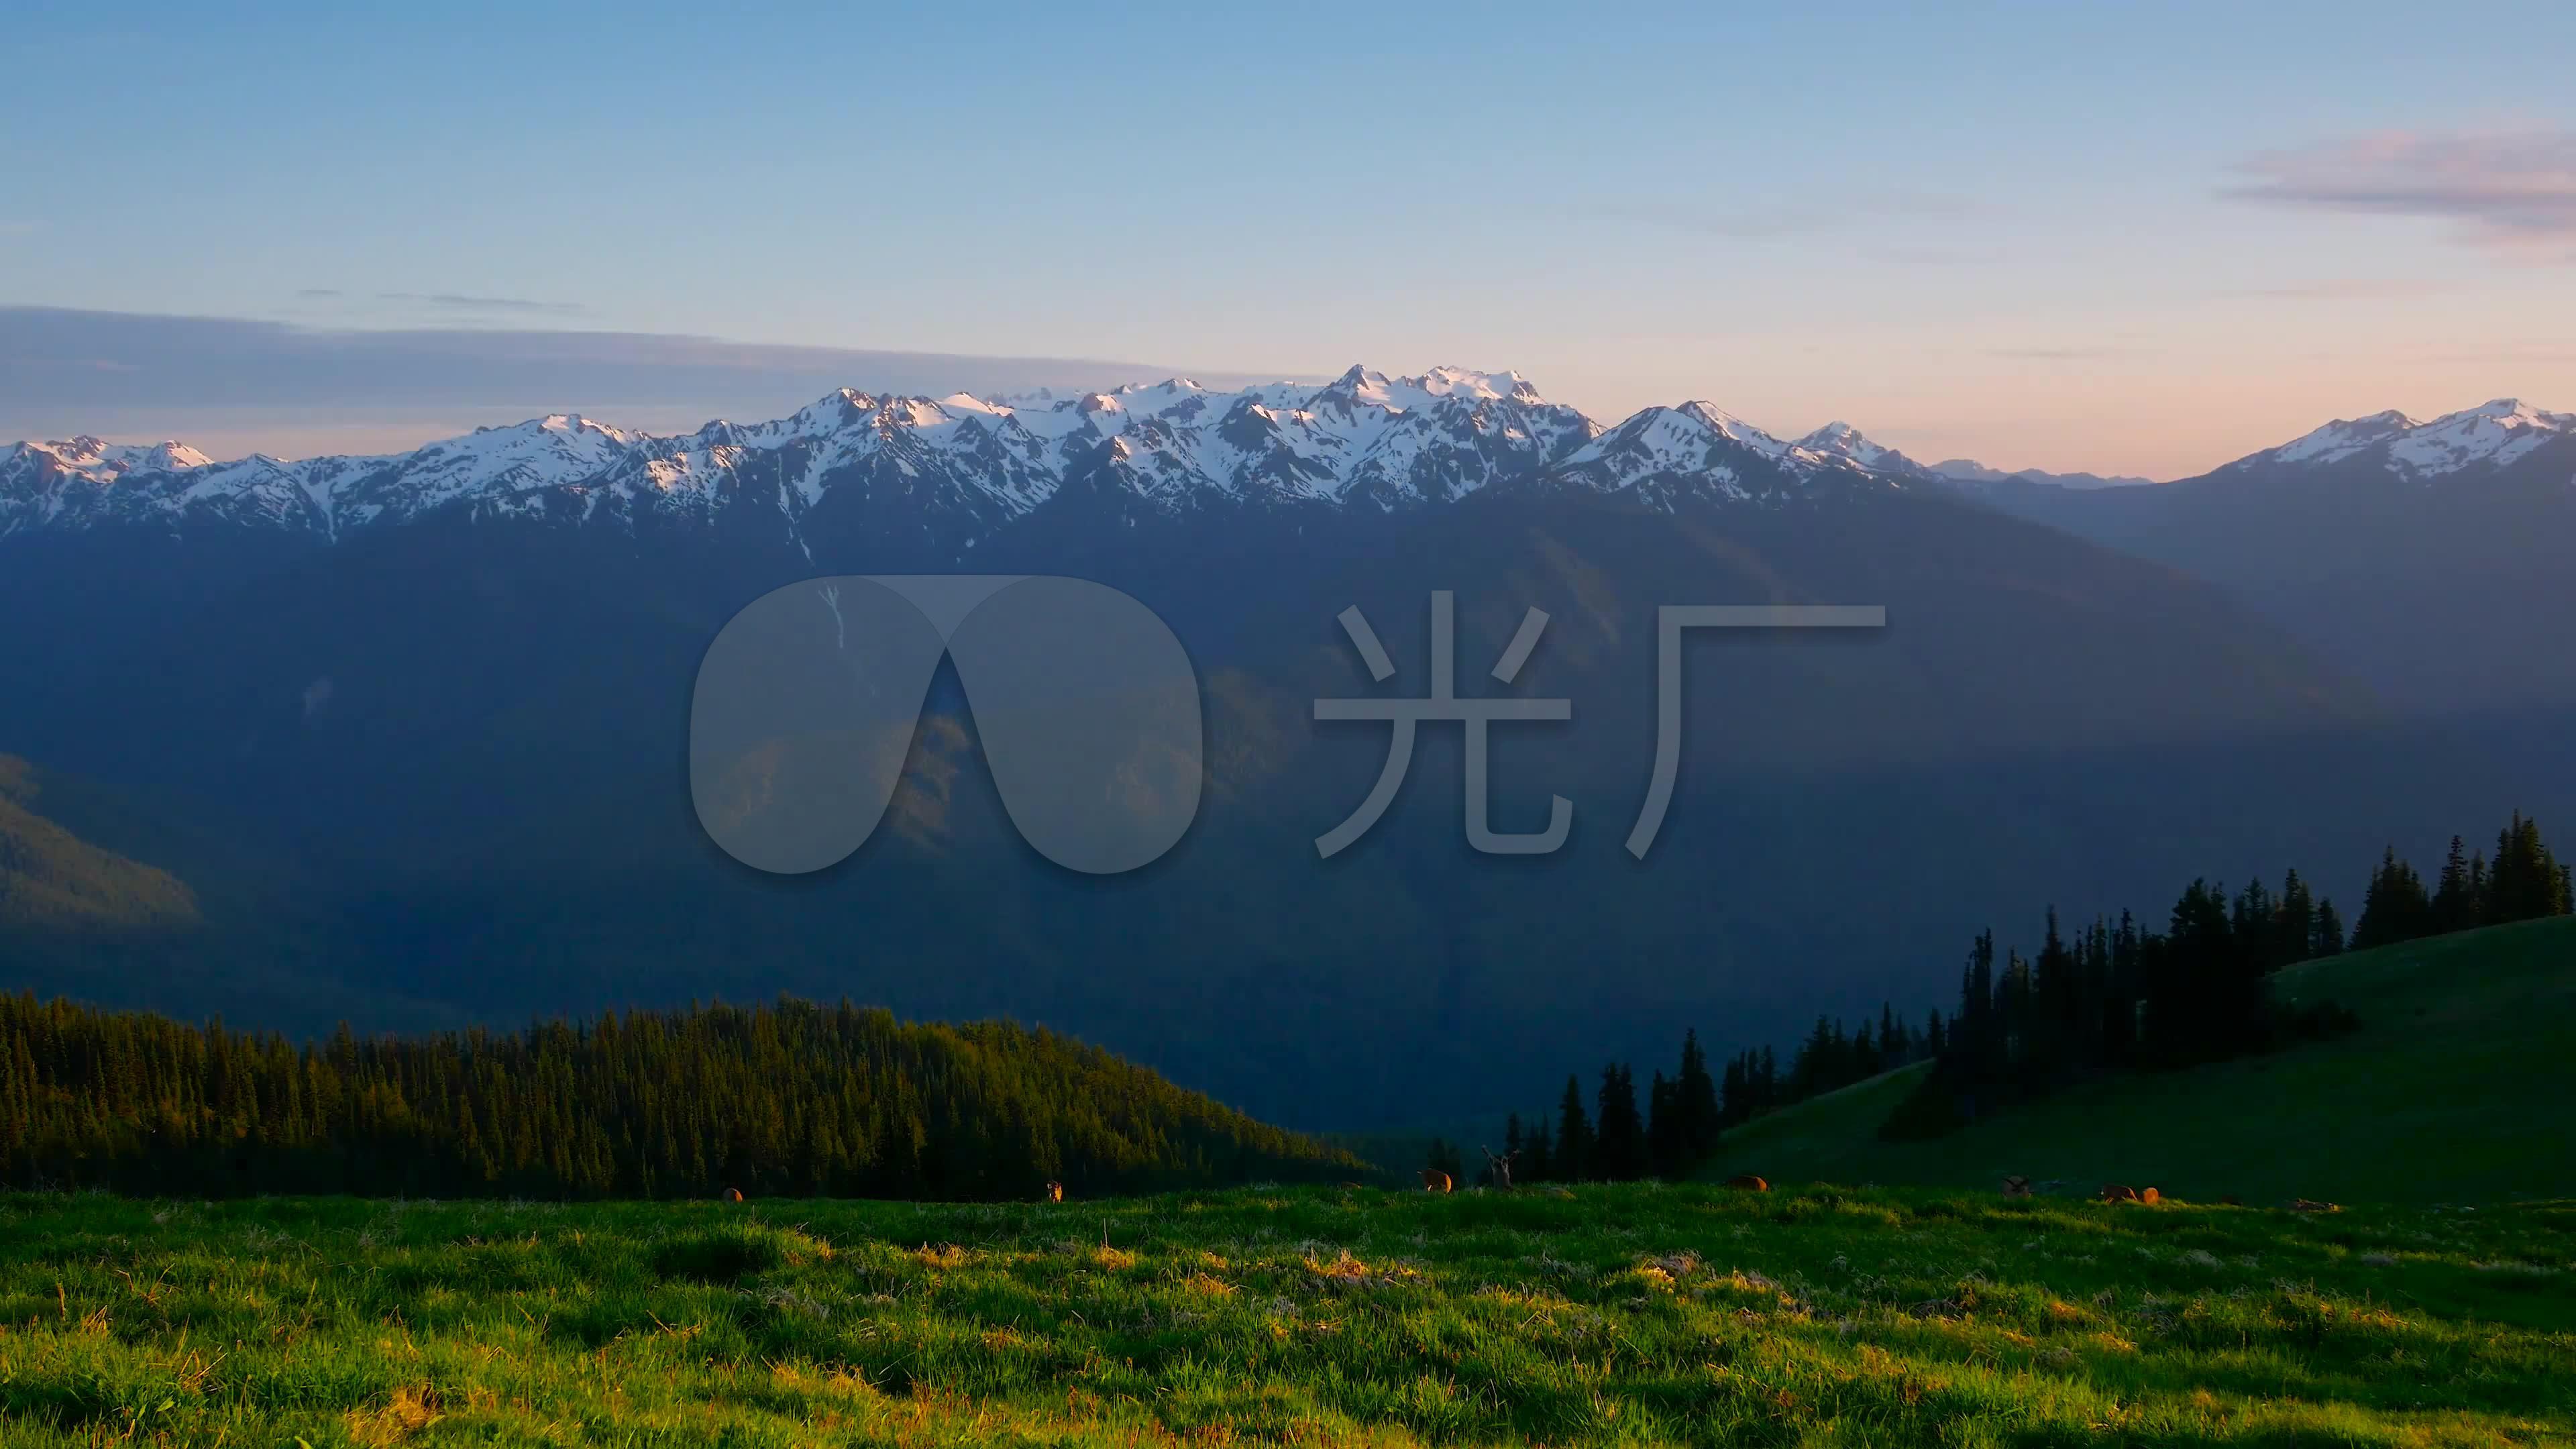 美丽大自然雪山草原小鹿风景_3840X2160_高泥视频v雪山图片